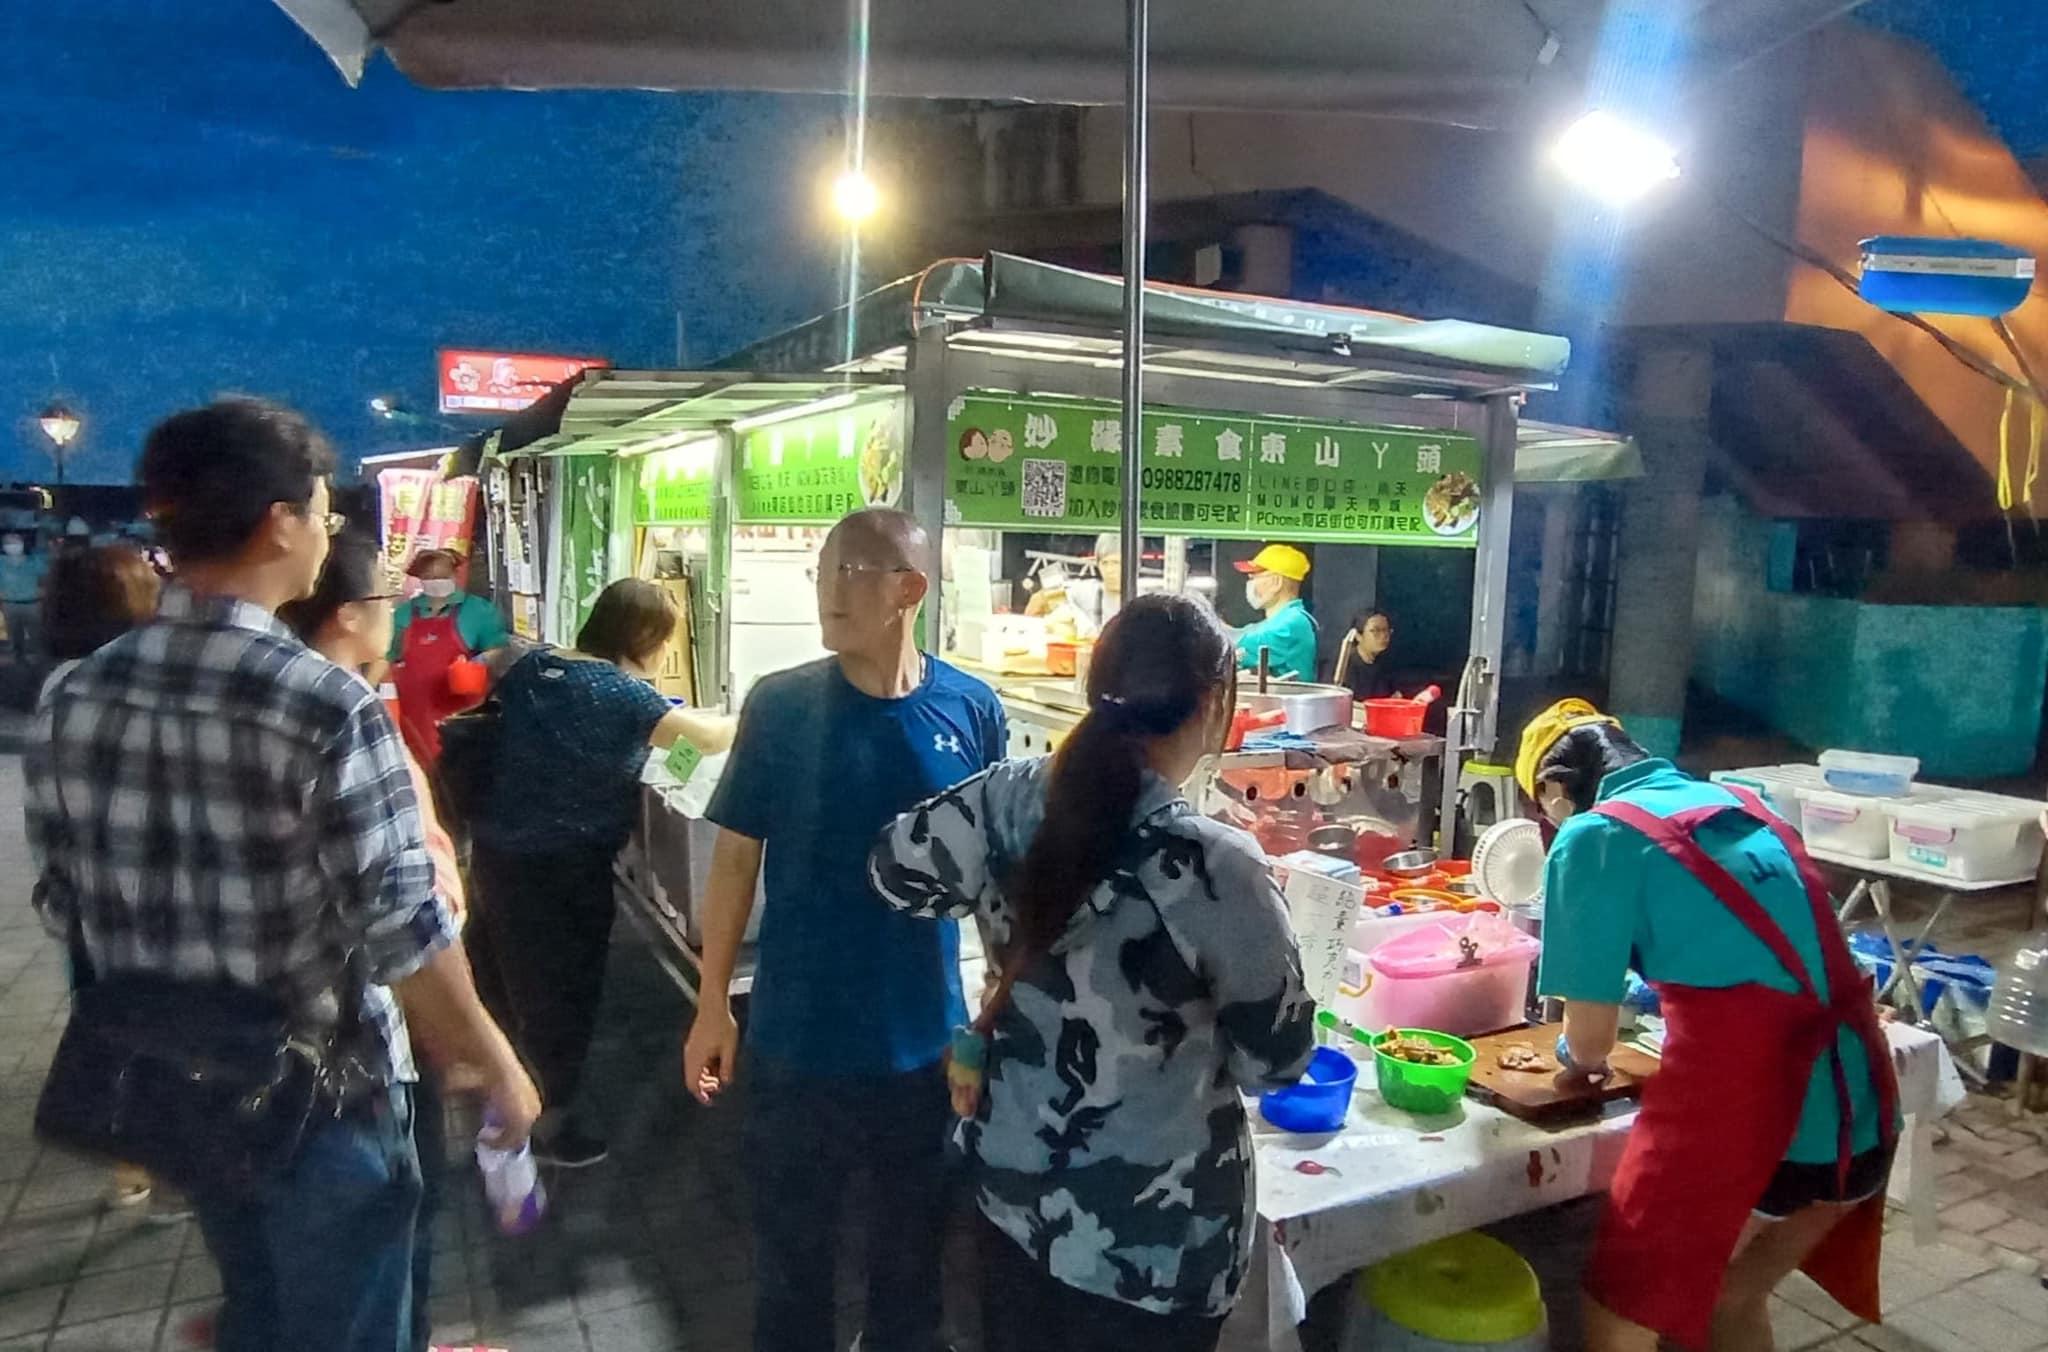 素食小夜市新竹巡迴場!全台限定版素食餐車快閃新竹大遠百,素食朋友追起來!